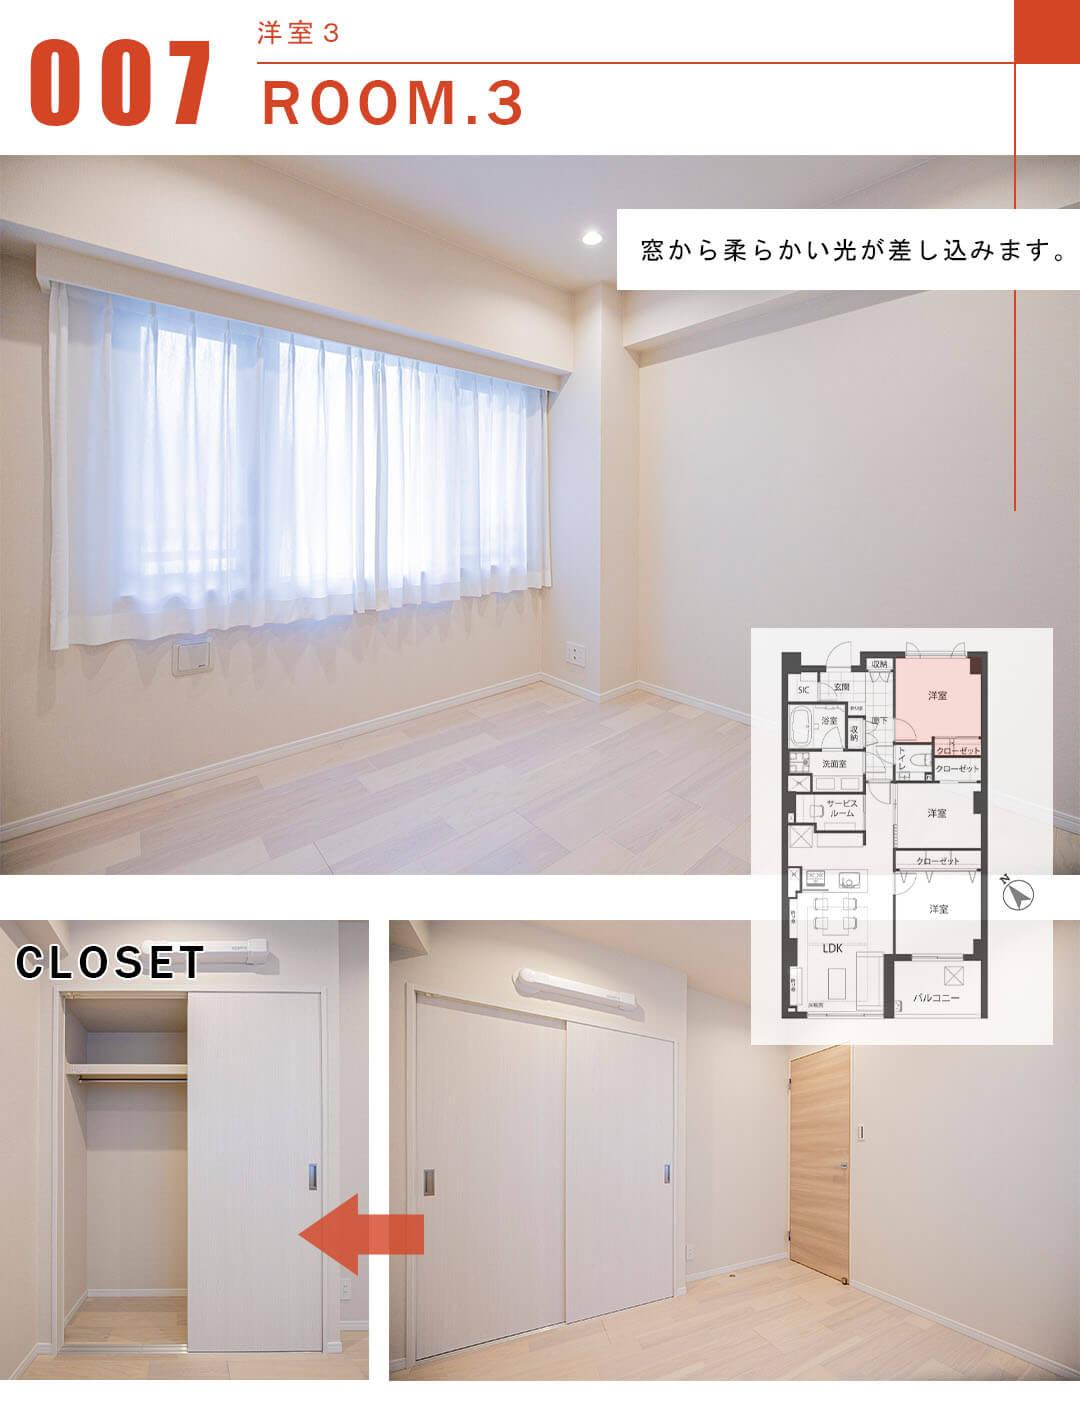 パークハウス駒込桜郷の洋室